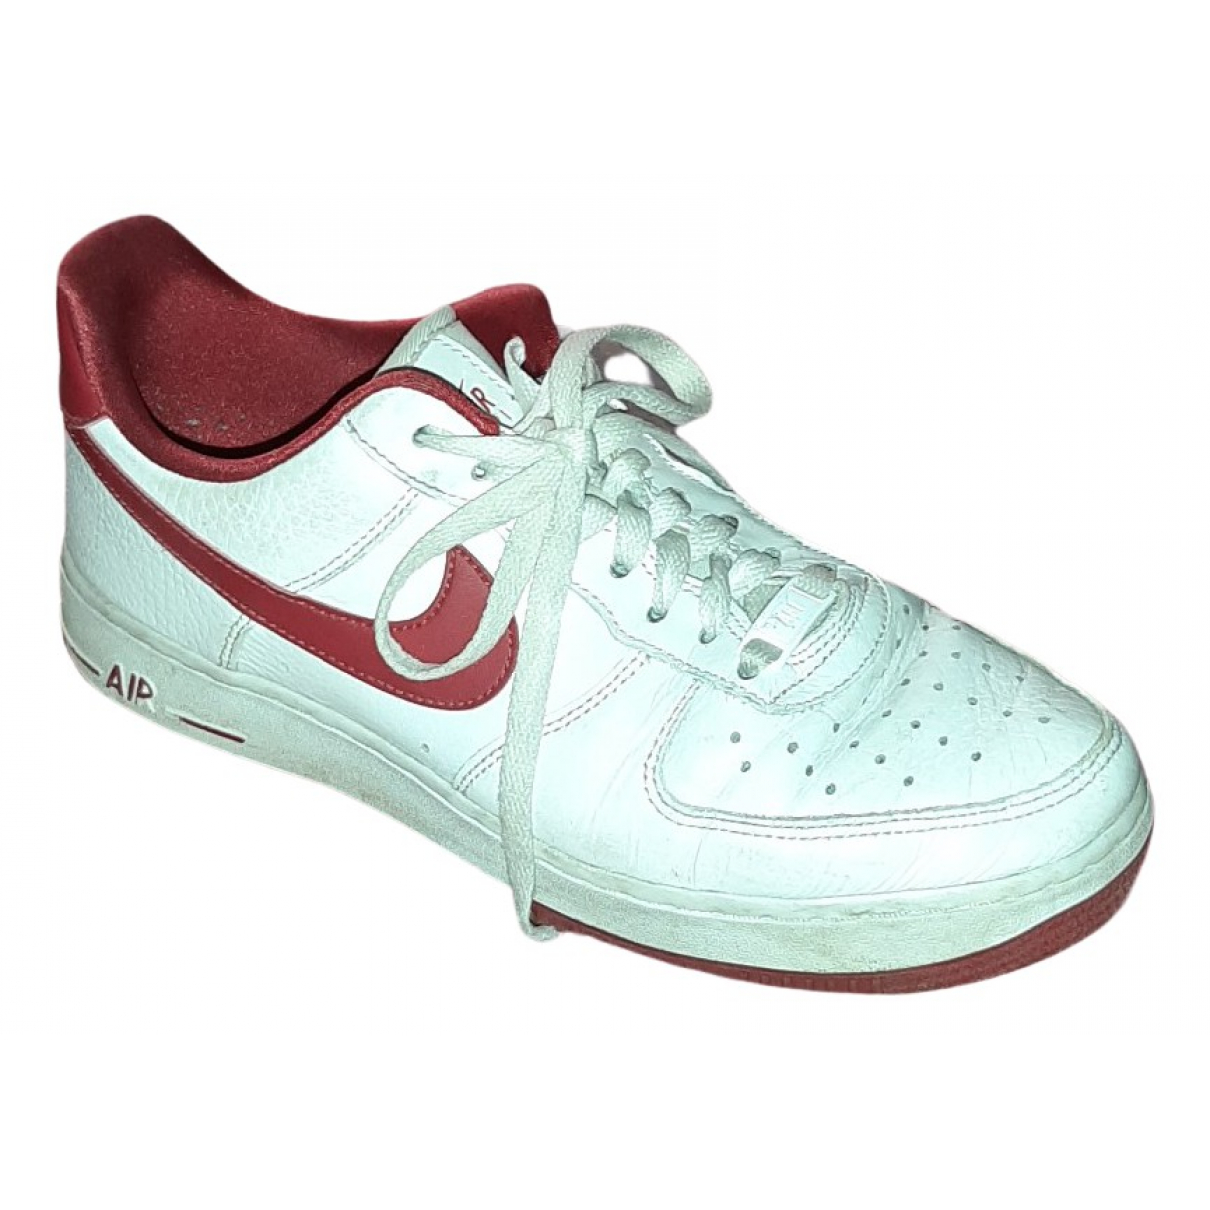 Nike Air Force 1 Sneakers in  Weiss Leder